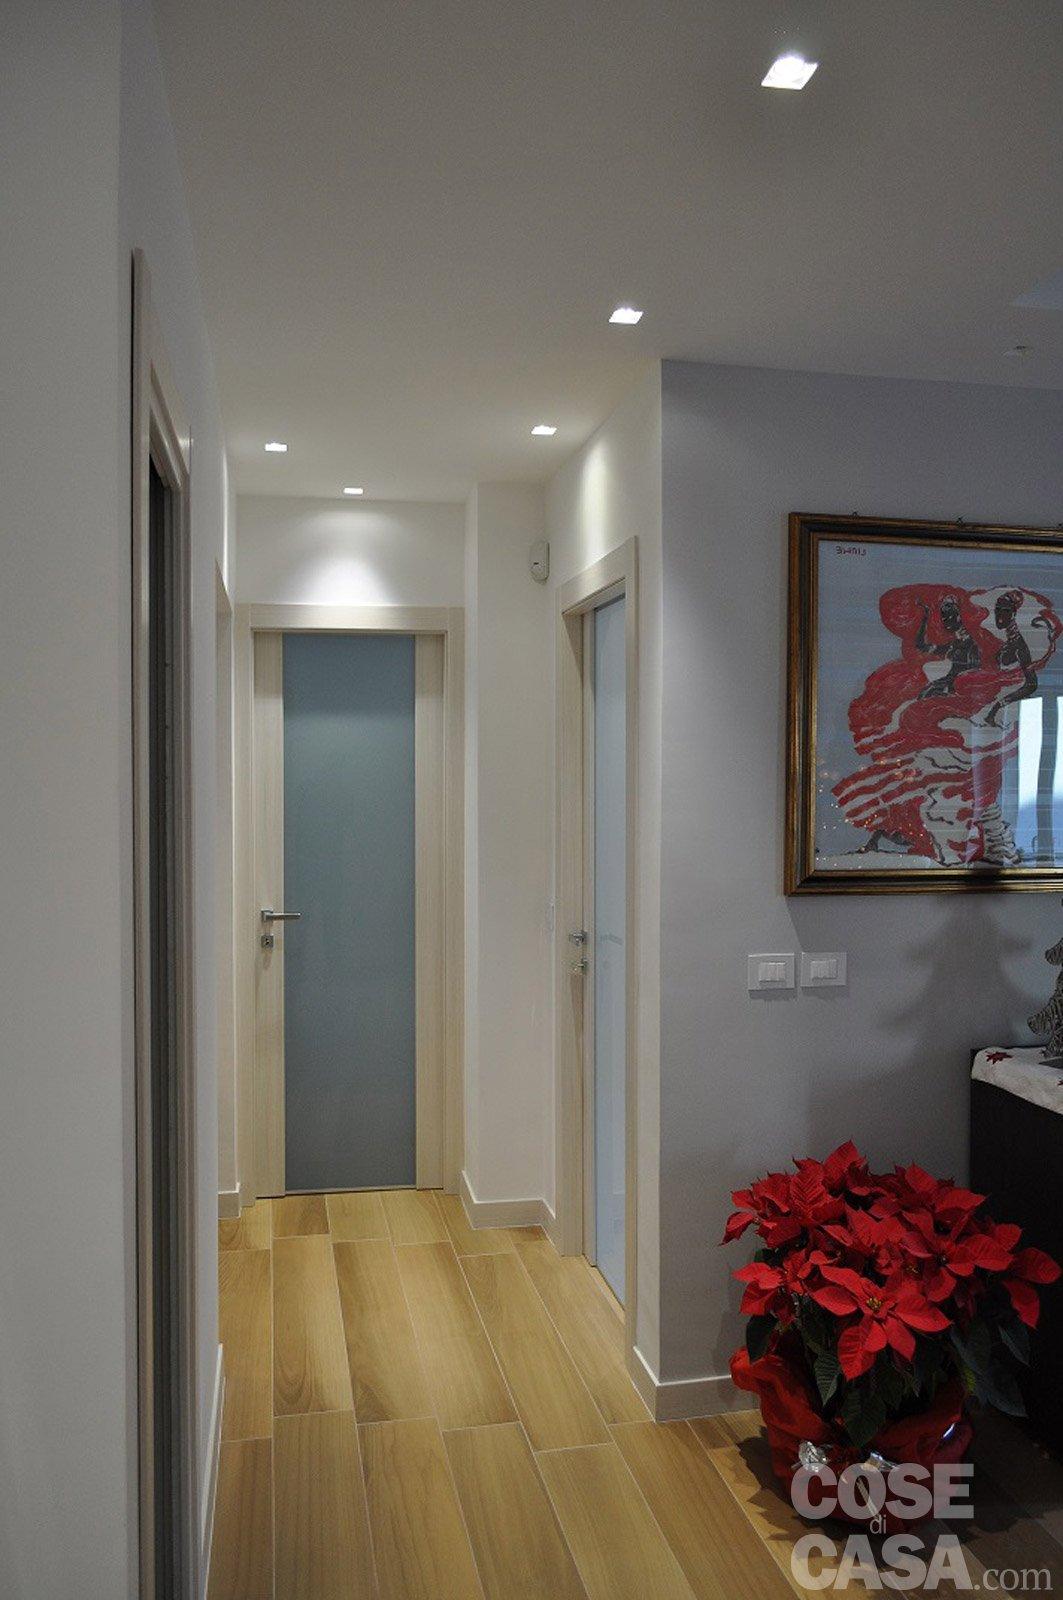 90 mq una casa da vivere in relax cose di casa for Un appartamento